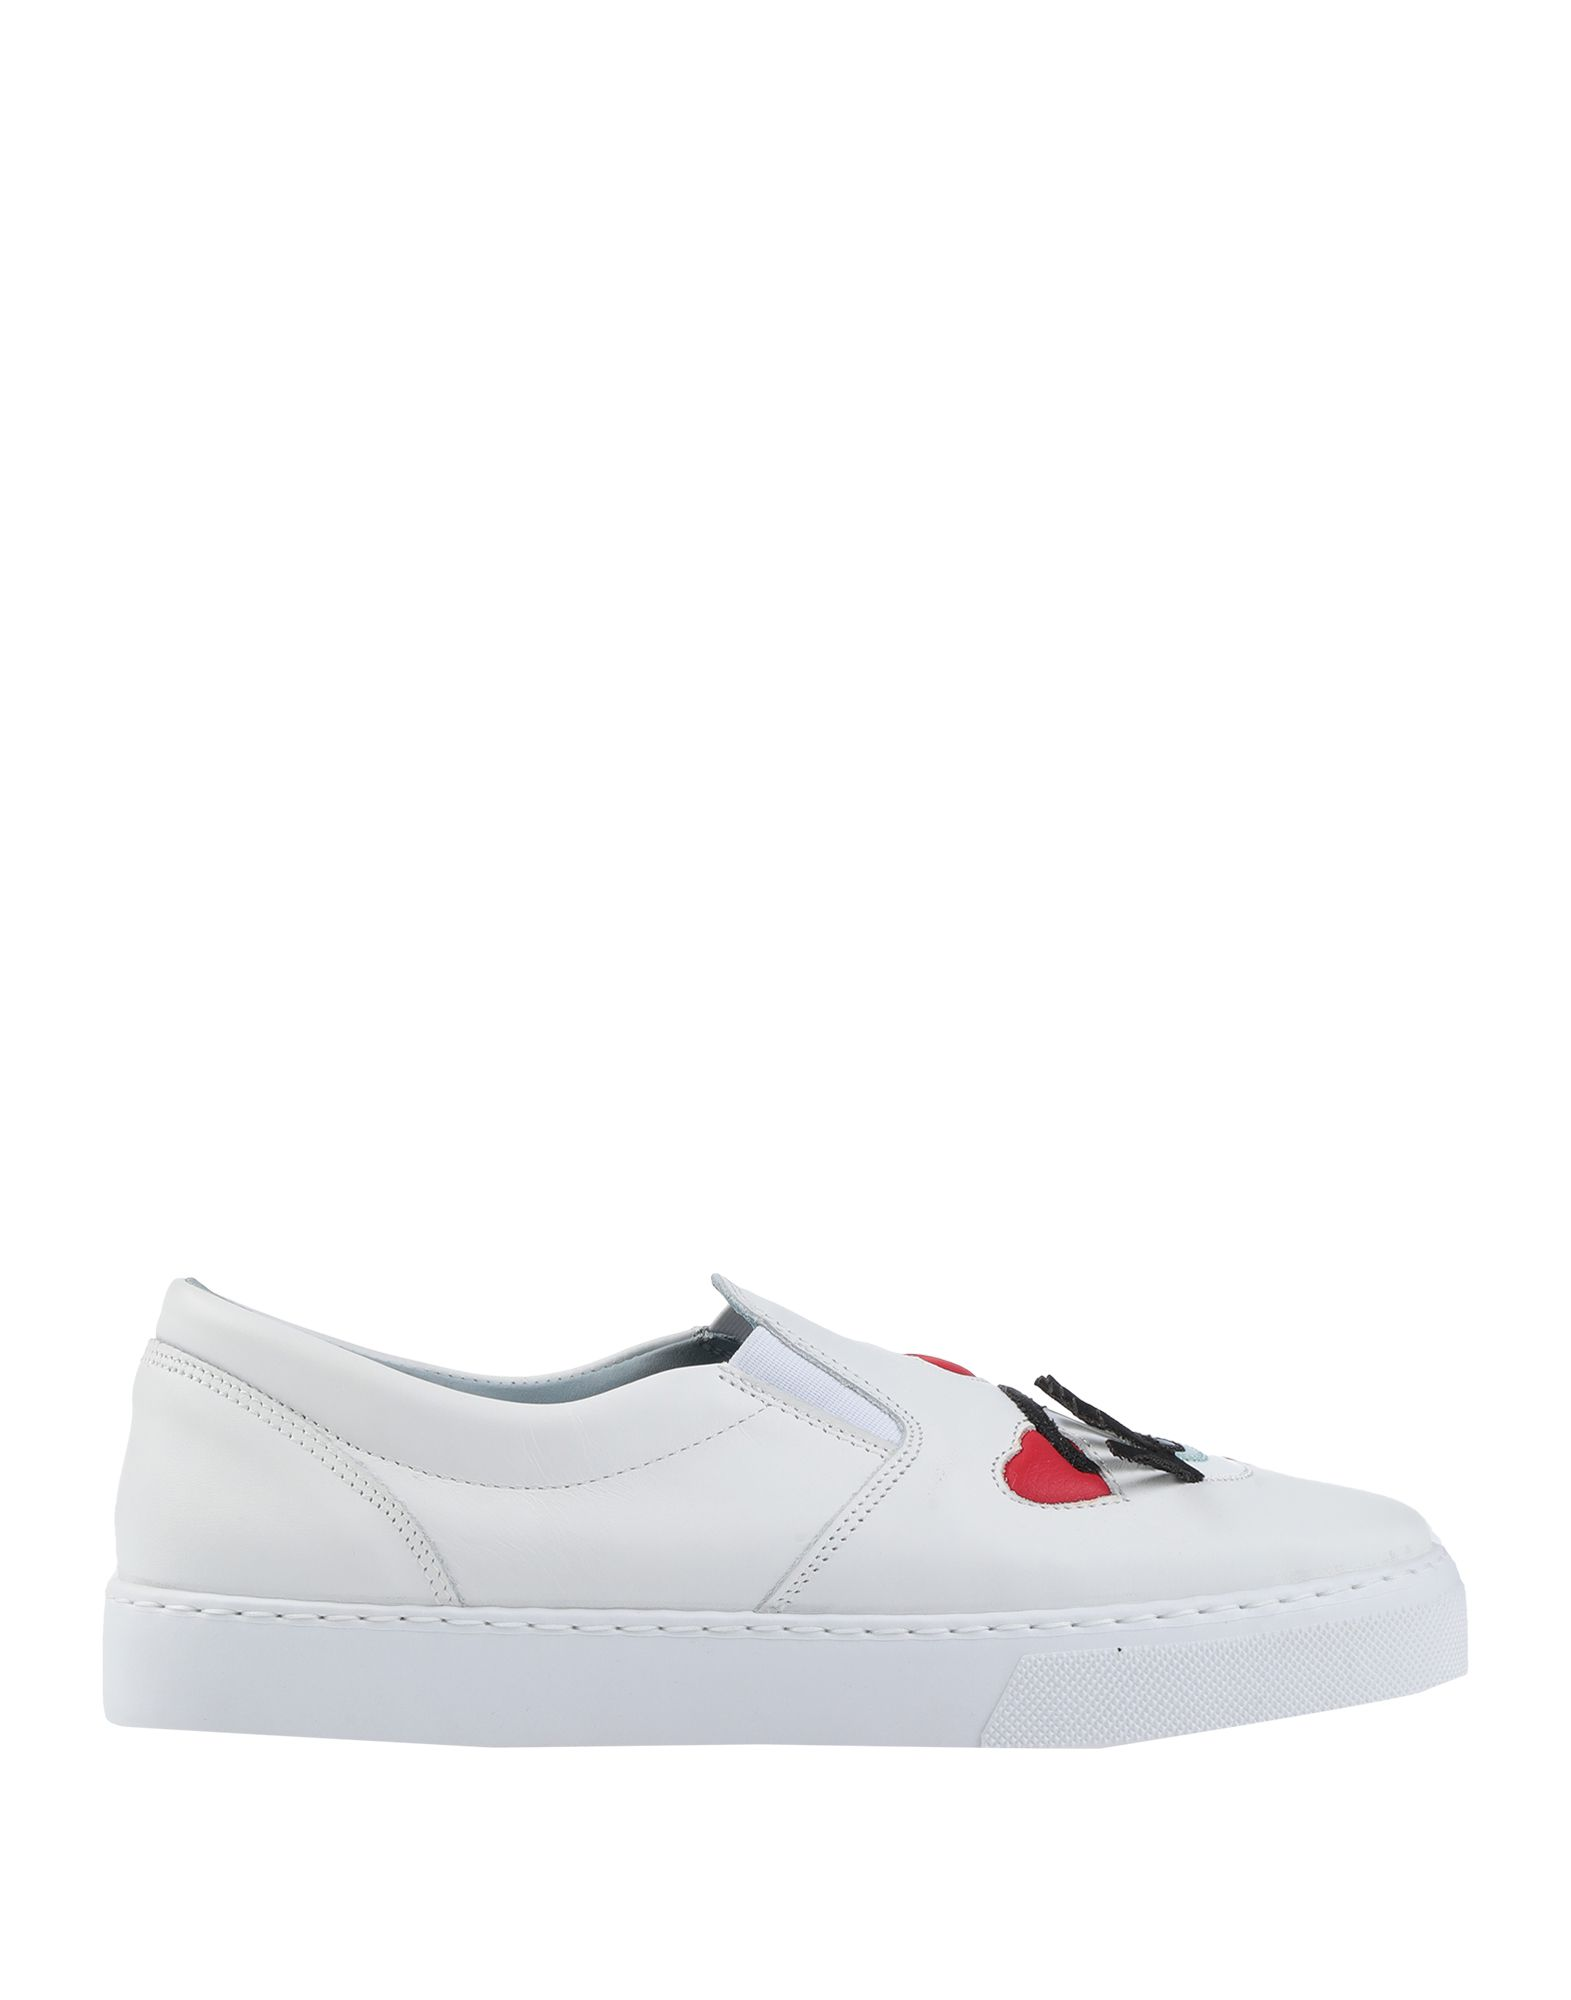 Zapatillas Chiara Ferragni Mujer - Zapatillas Chiara Chiara Zapatillas Ferragni  Blanco c5d0d5